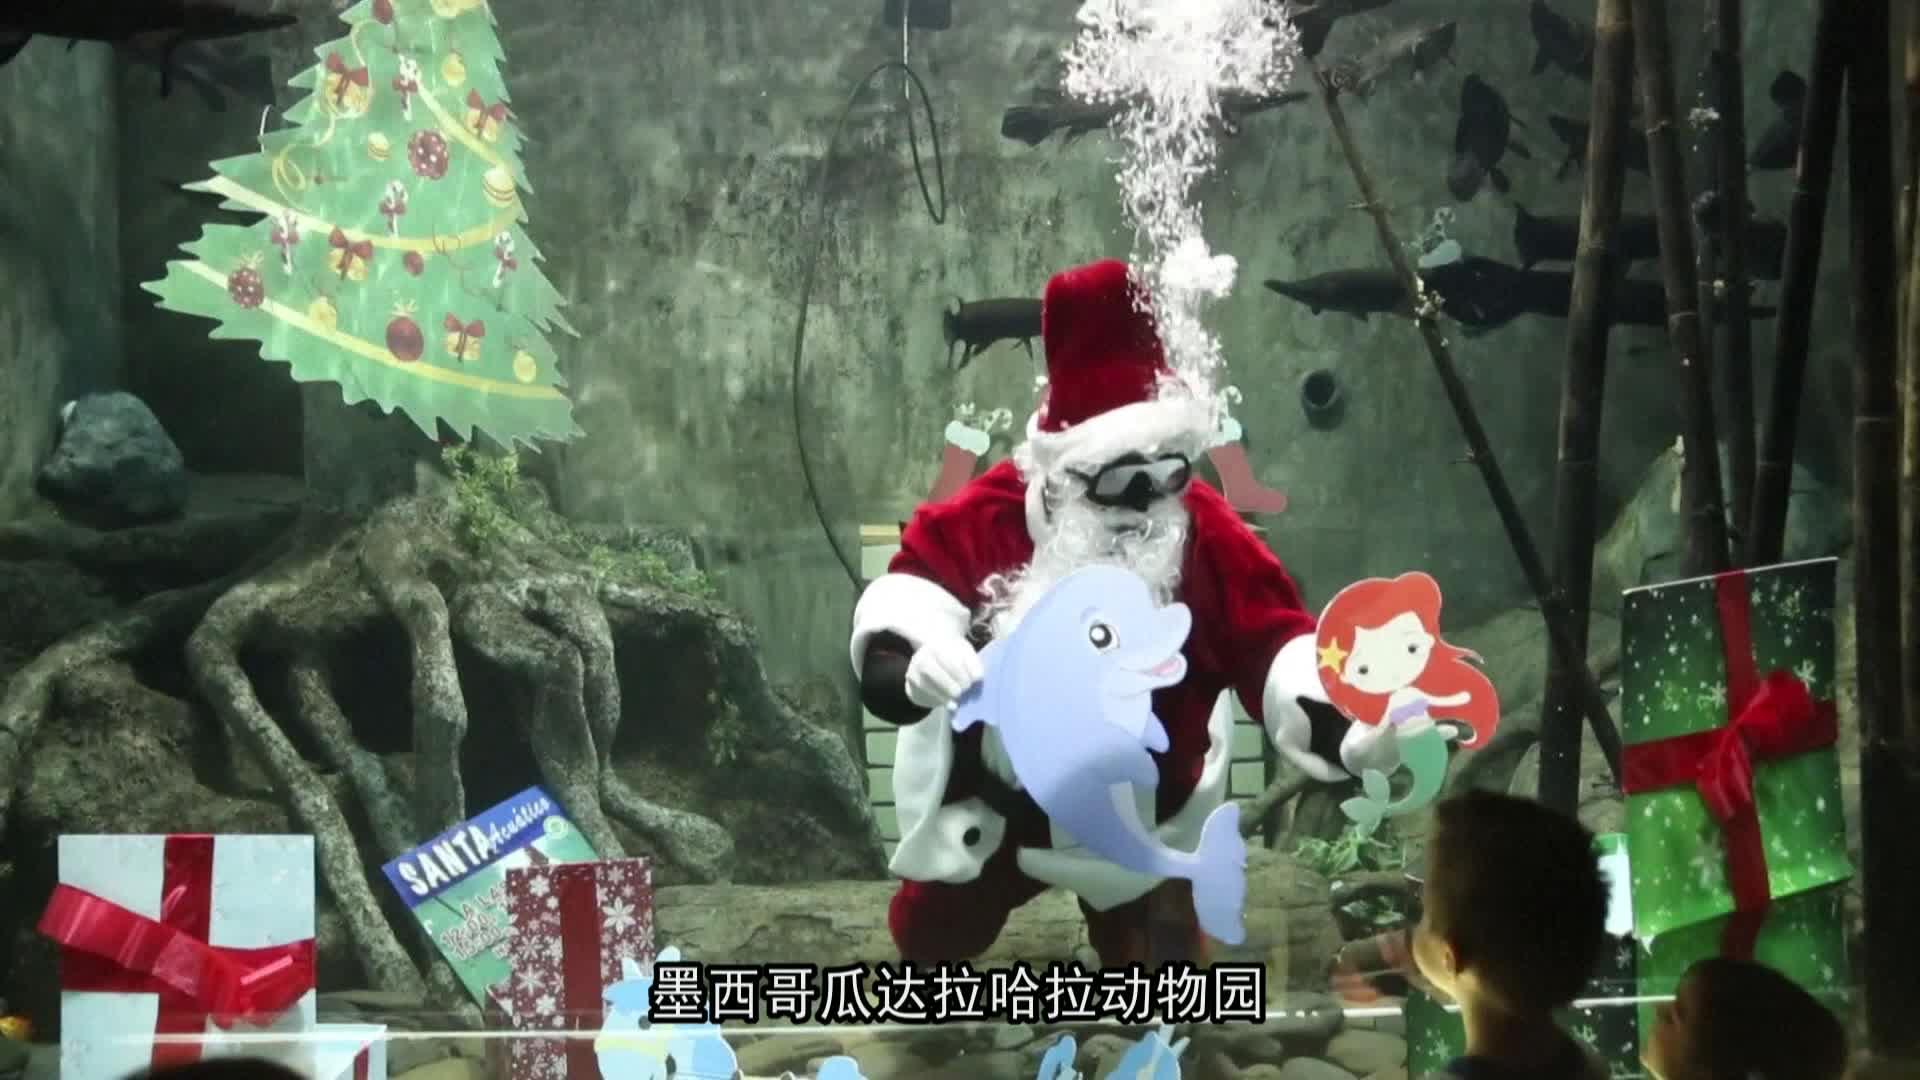 墨西哥动物园 圣诞老人水底庆祝圣诞